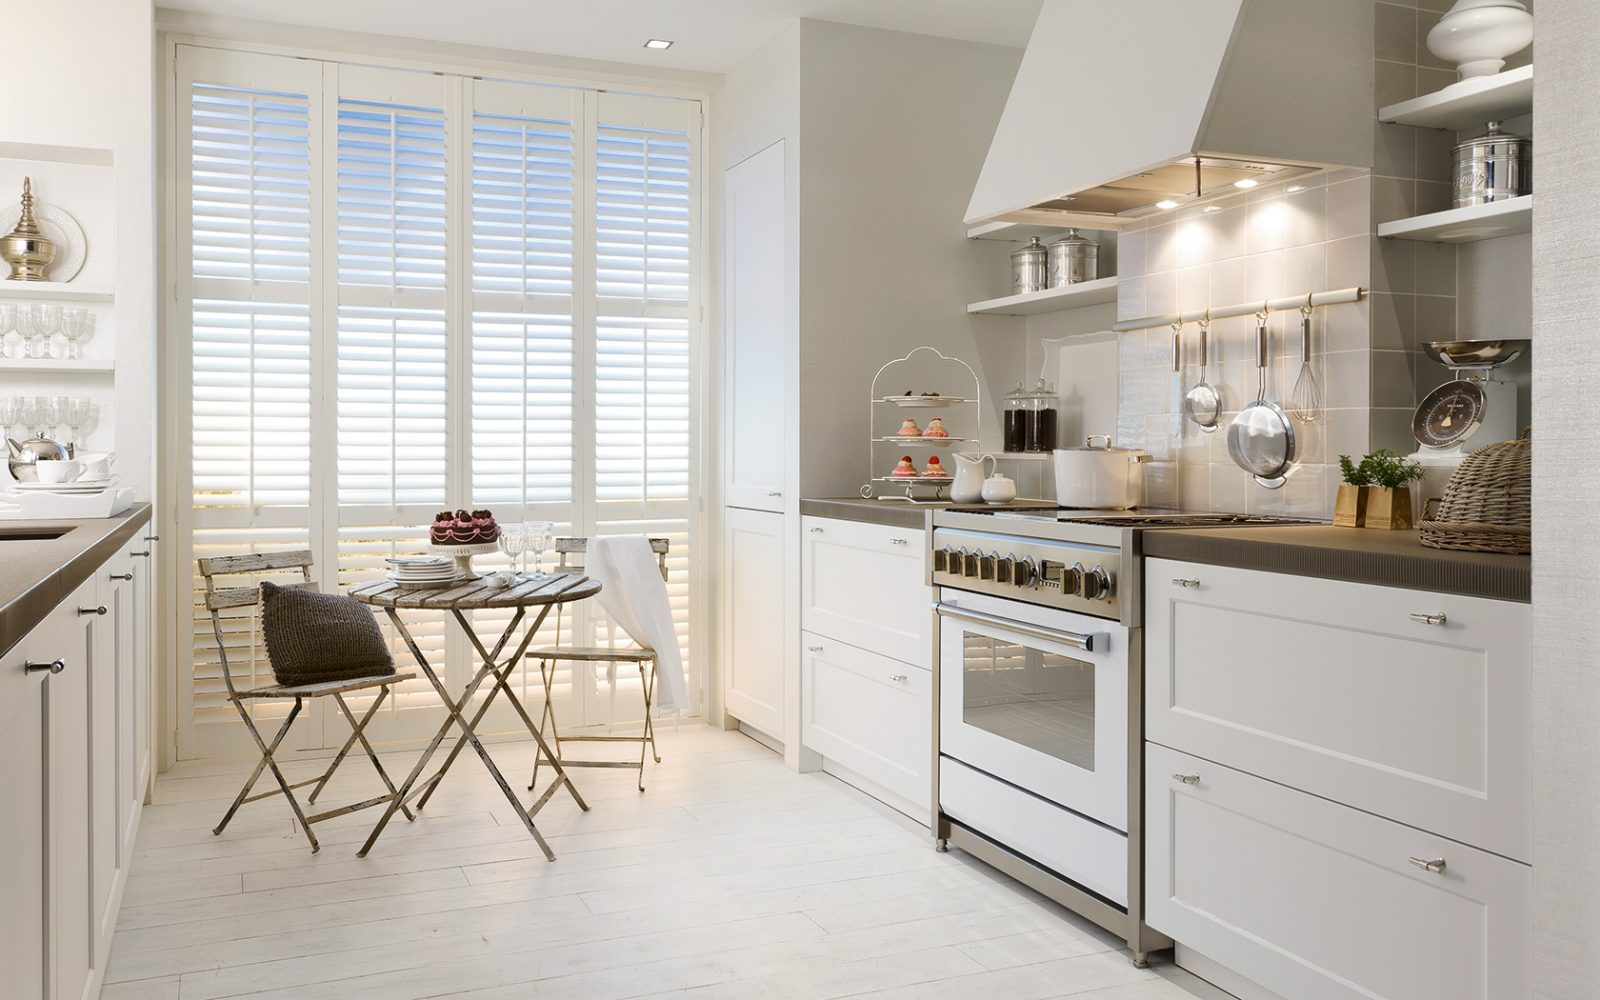 Galería de imágenes: Decoración de cocinas clásicas